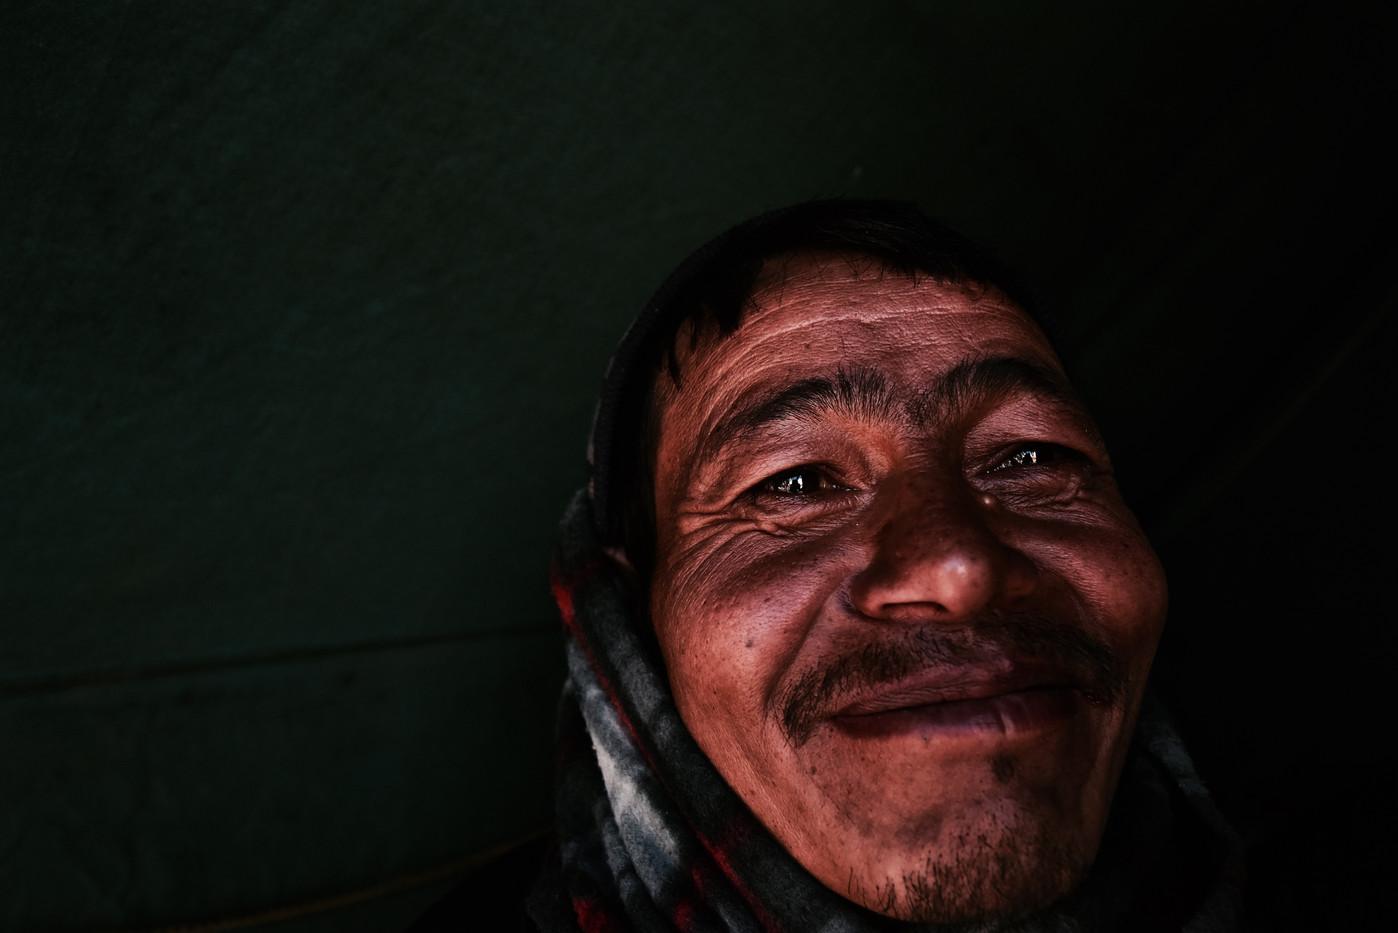 Uncle - Gangotri, Uttarakhand